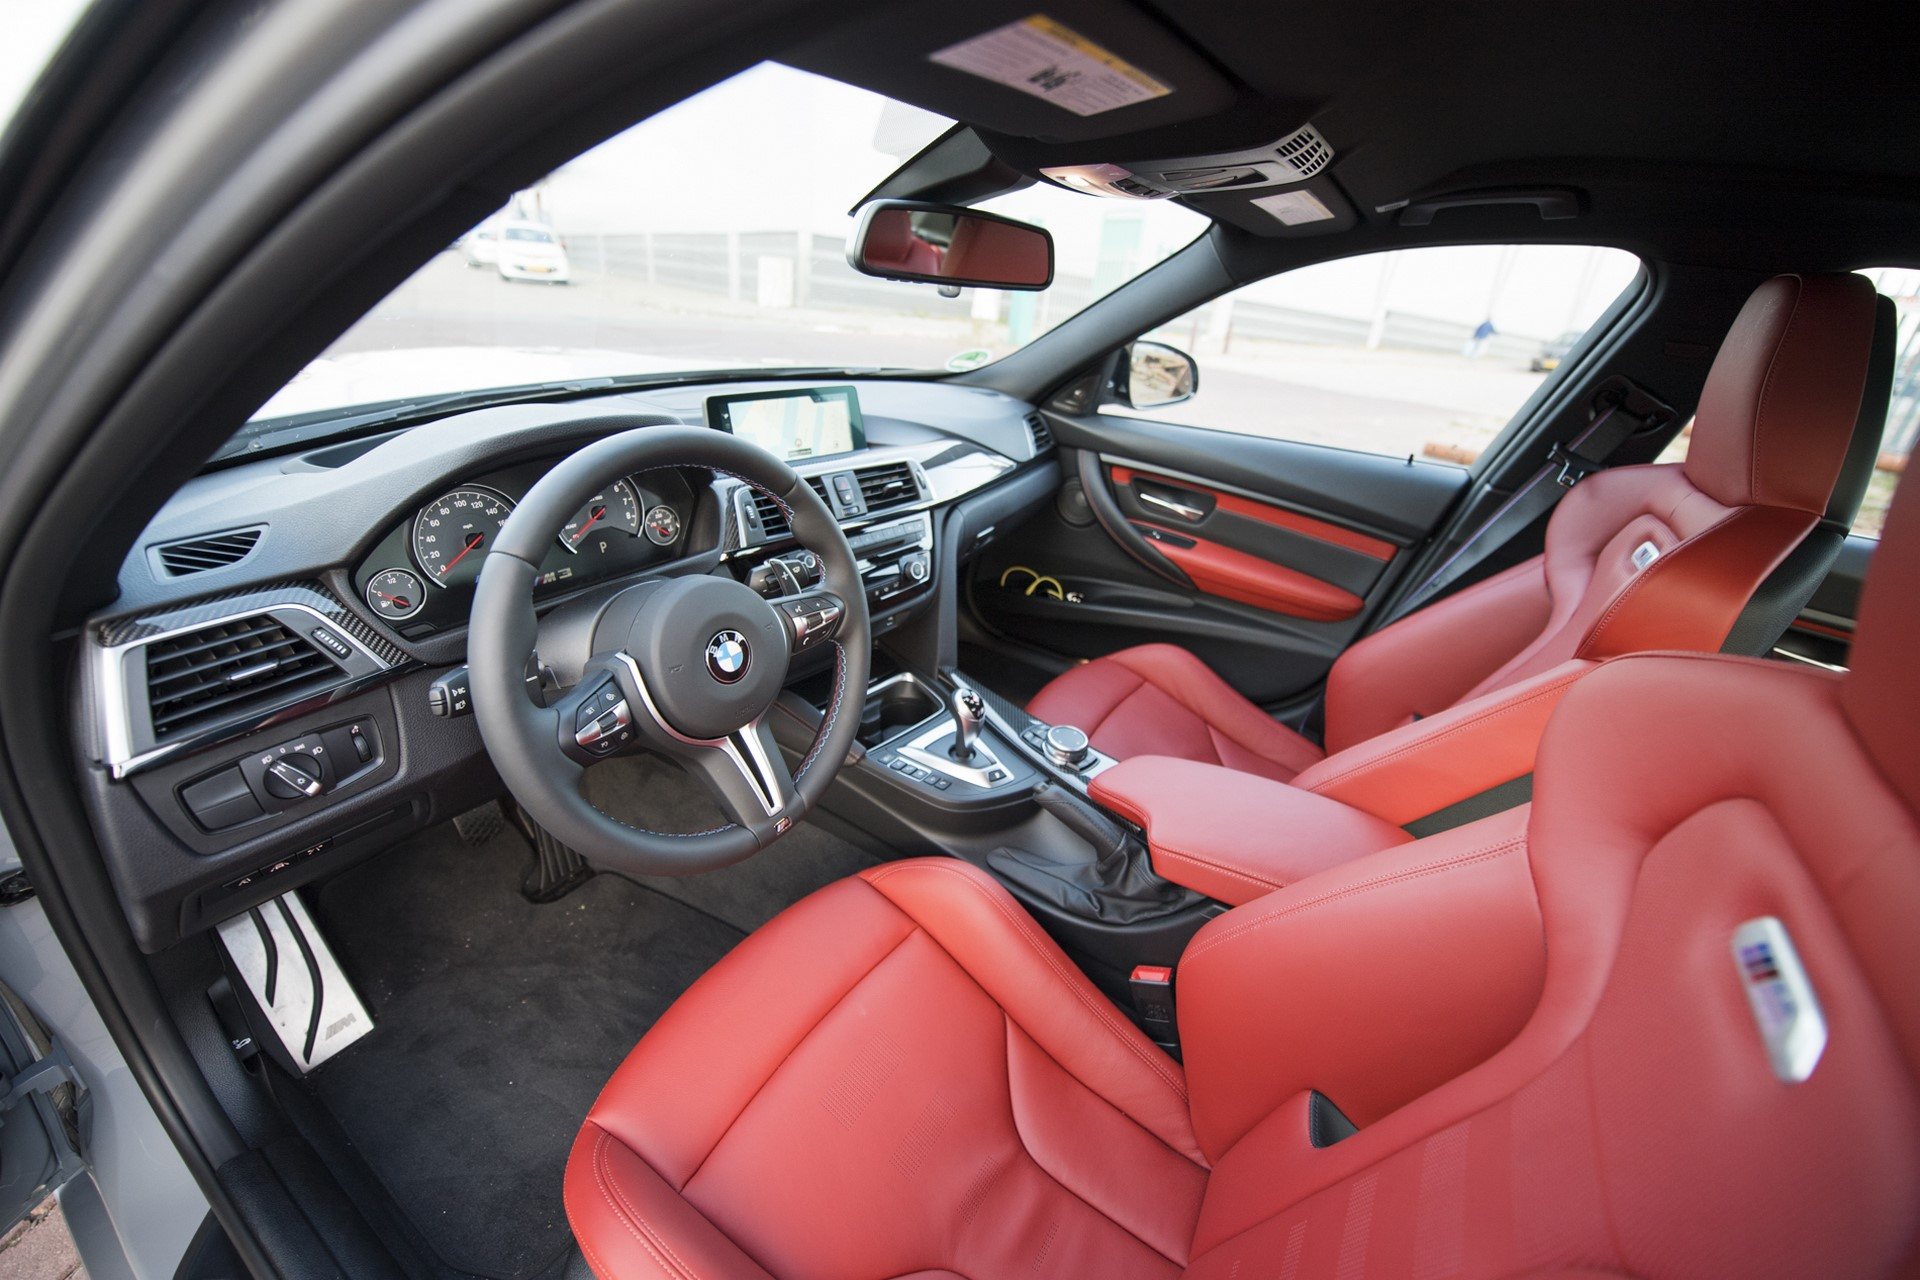 BMW M3 in Nardo Grey color (24)